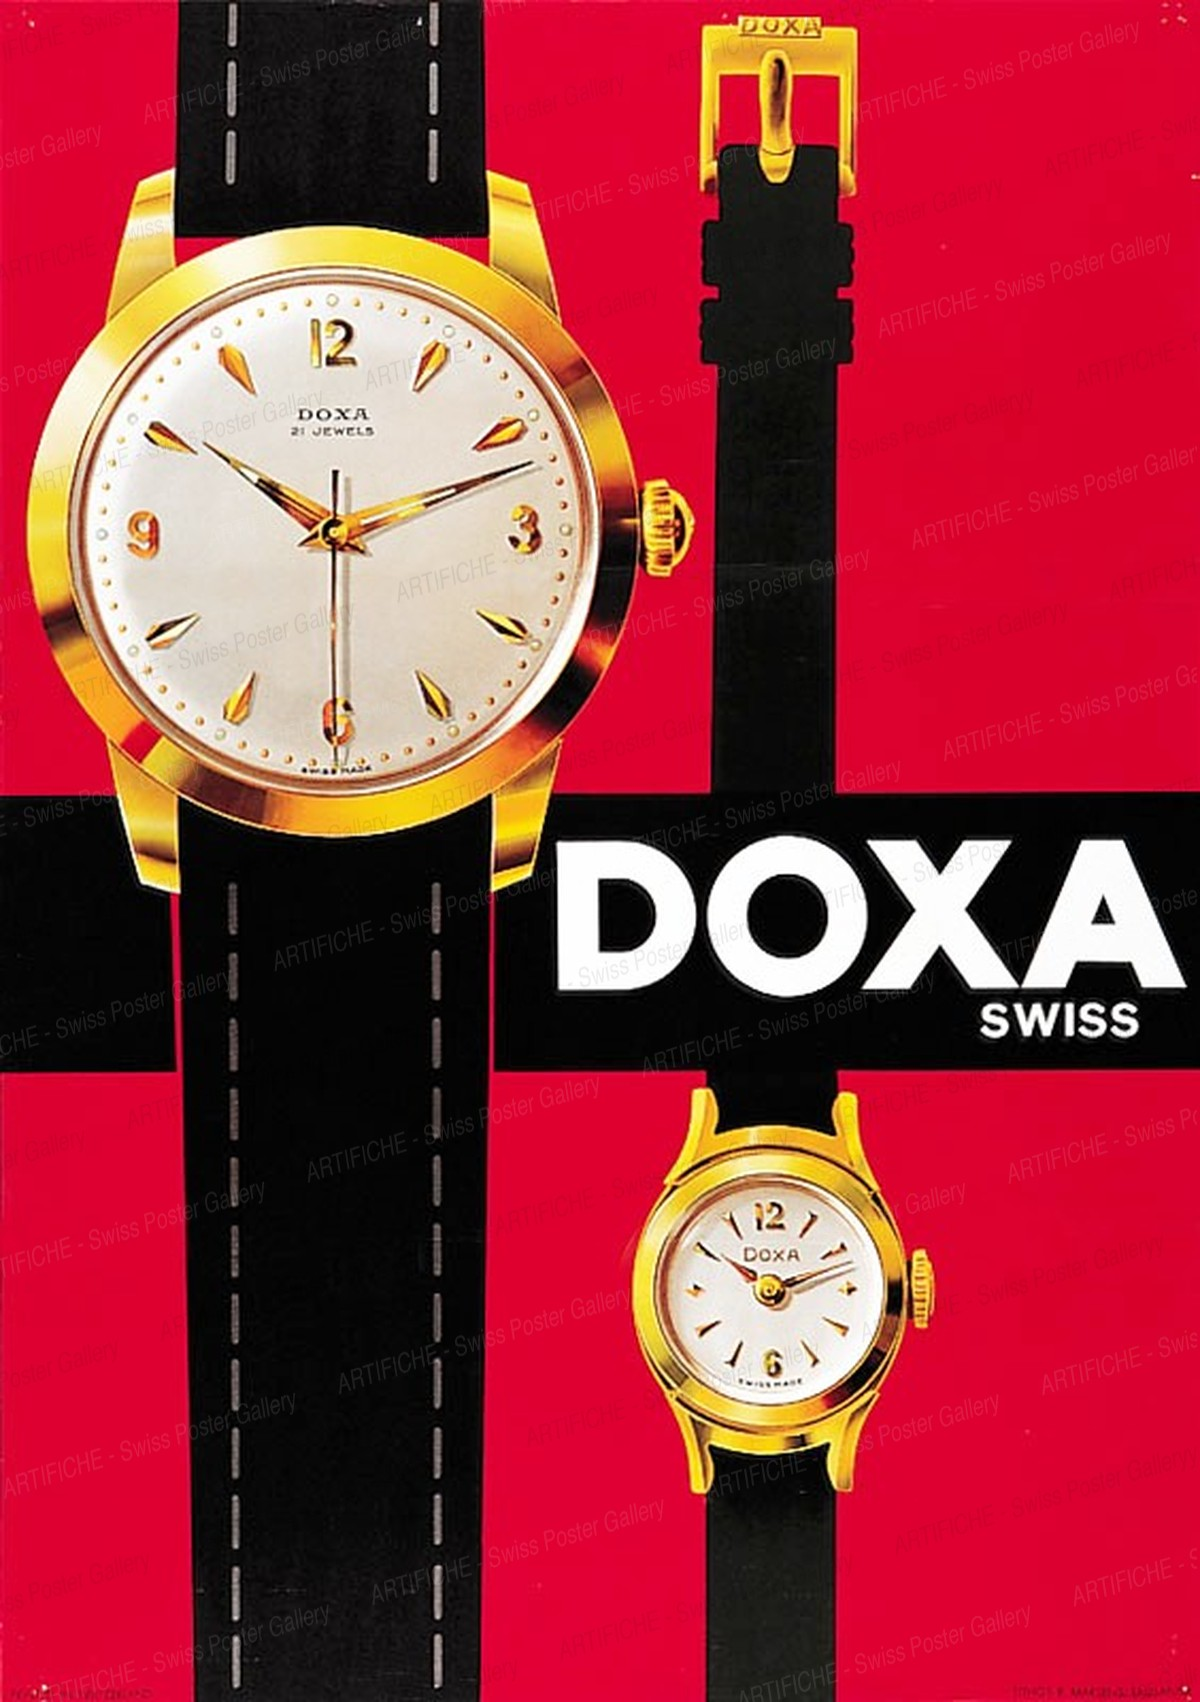 Doxa Watches, Artist unknown